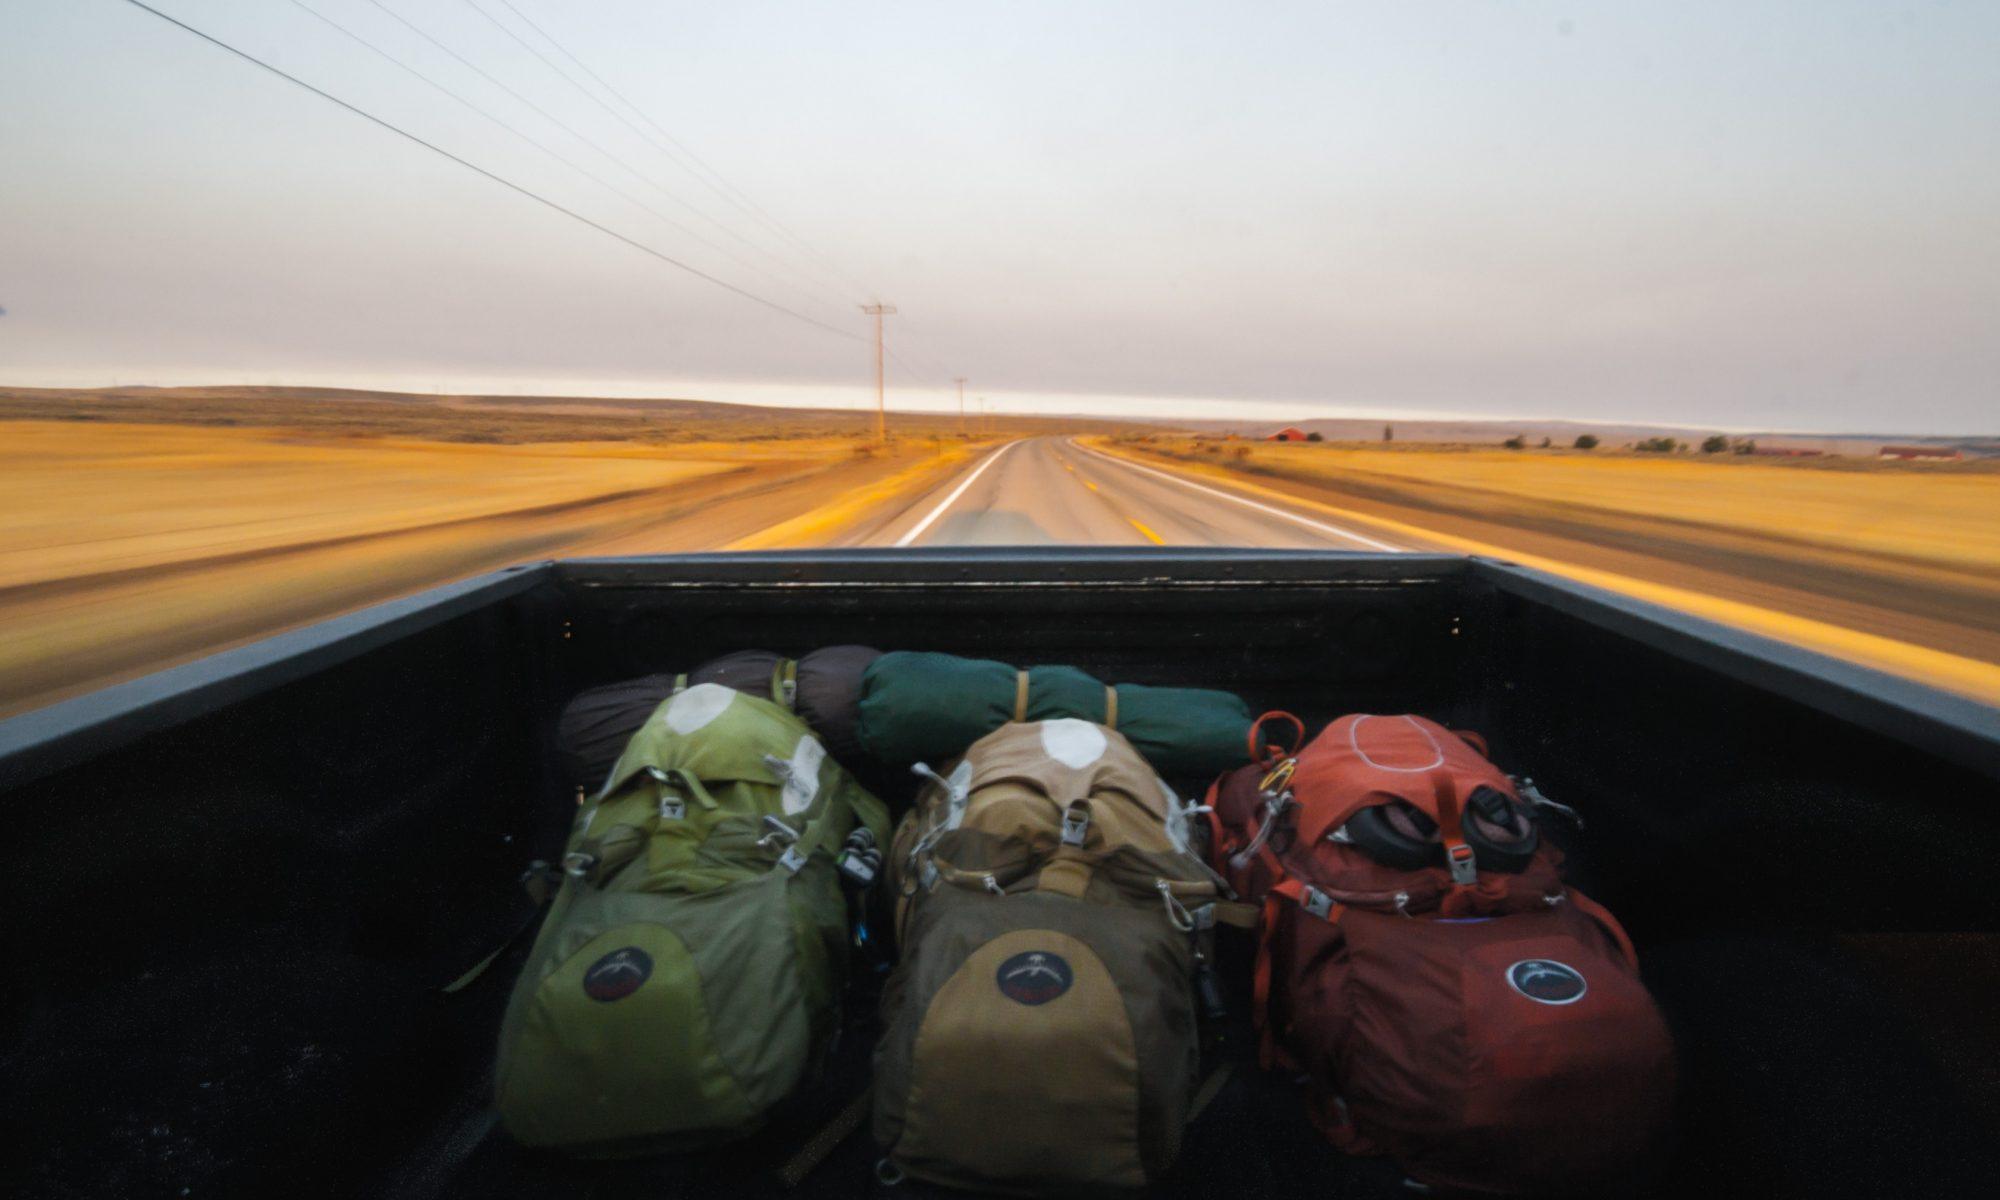 Tres mochilas en una camioneta